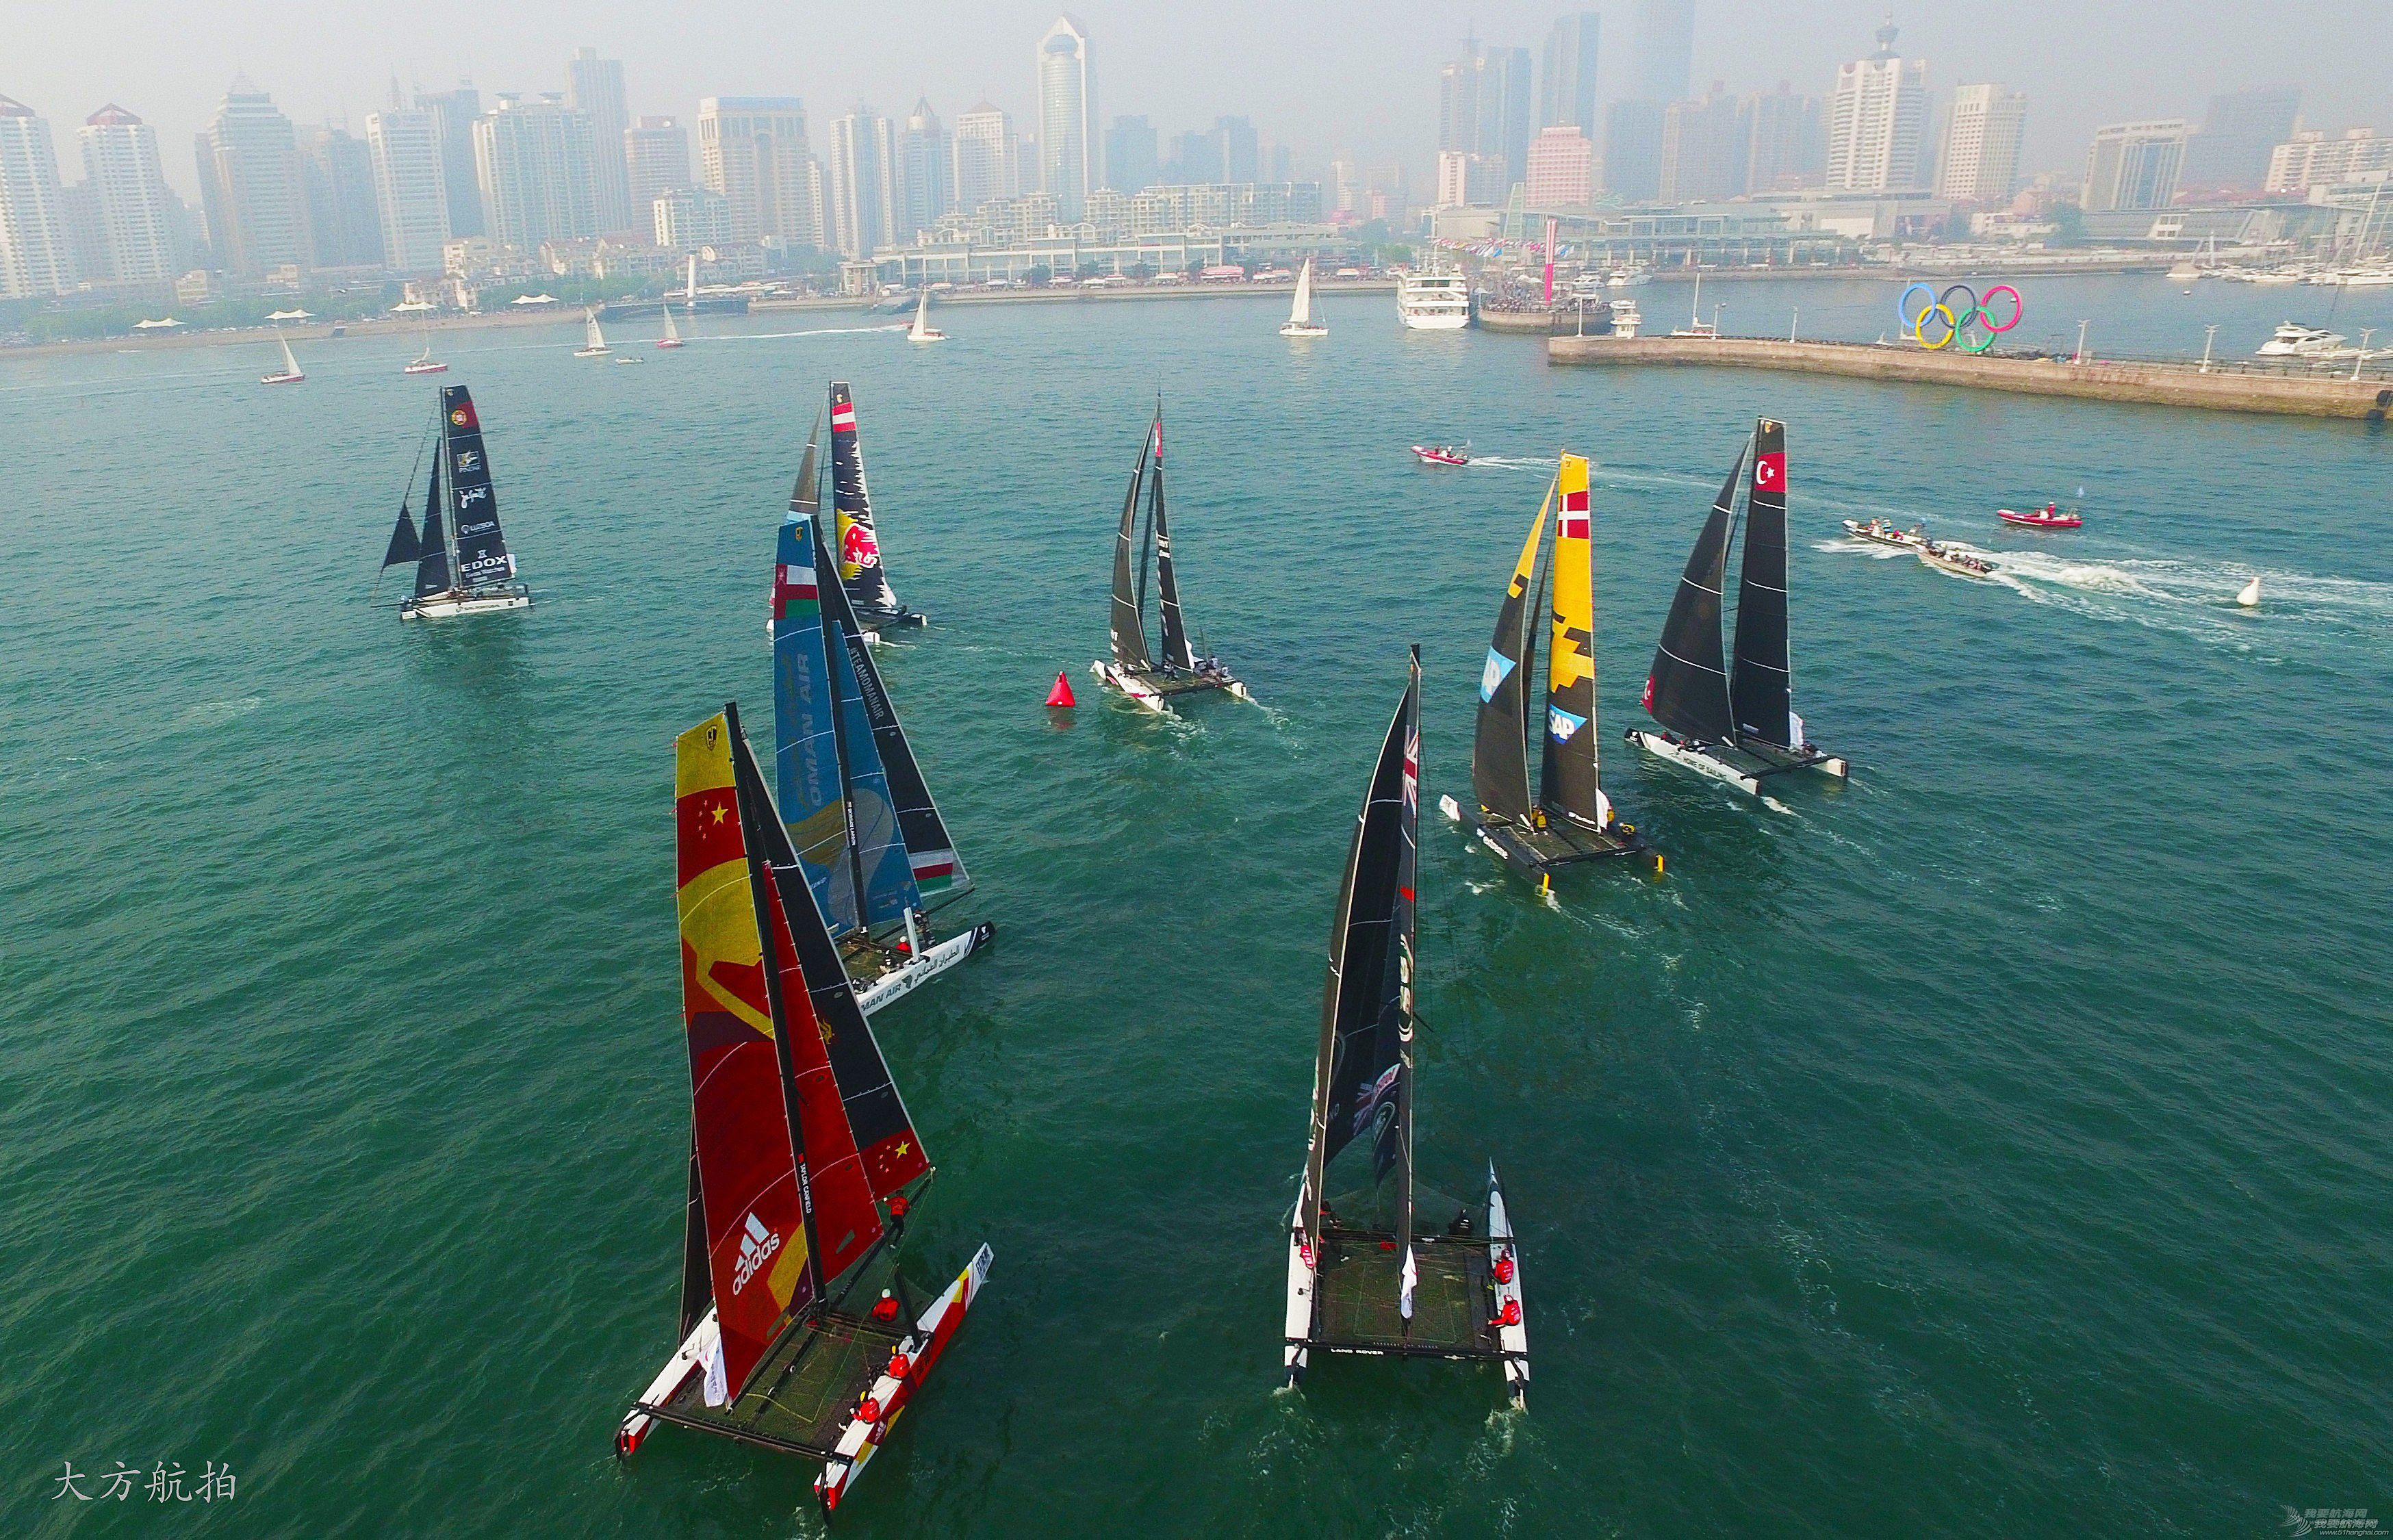 极限,摄影作品,系列赛,青岛,帆船 2016国际极限帆船系列赛青岛站--大方航拍